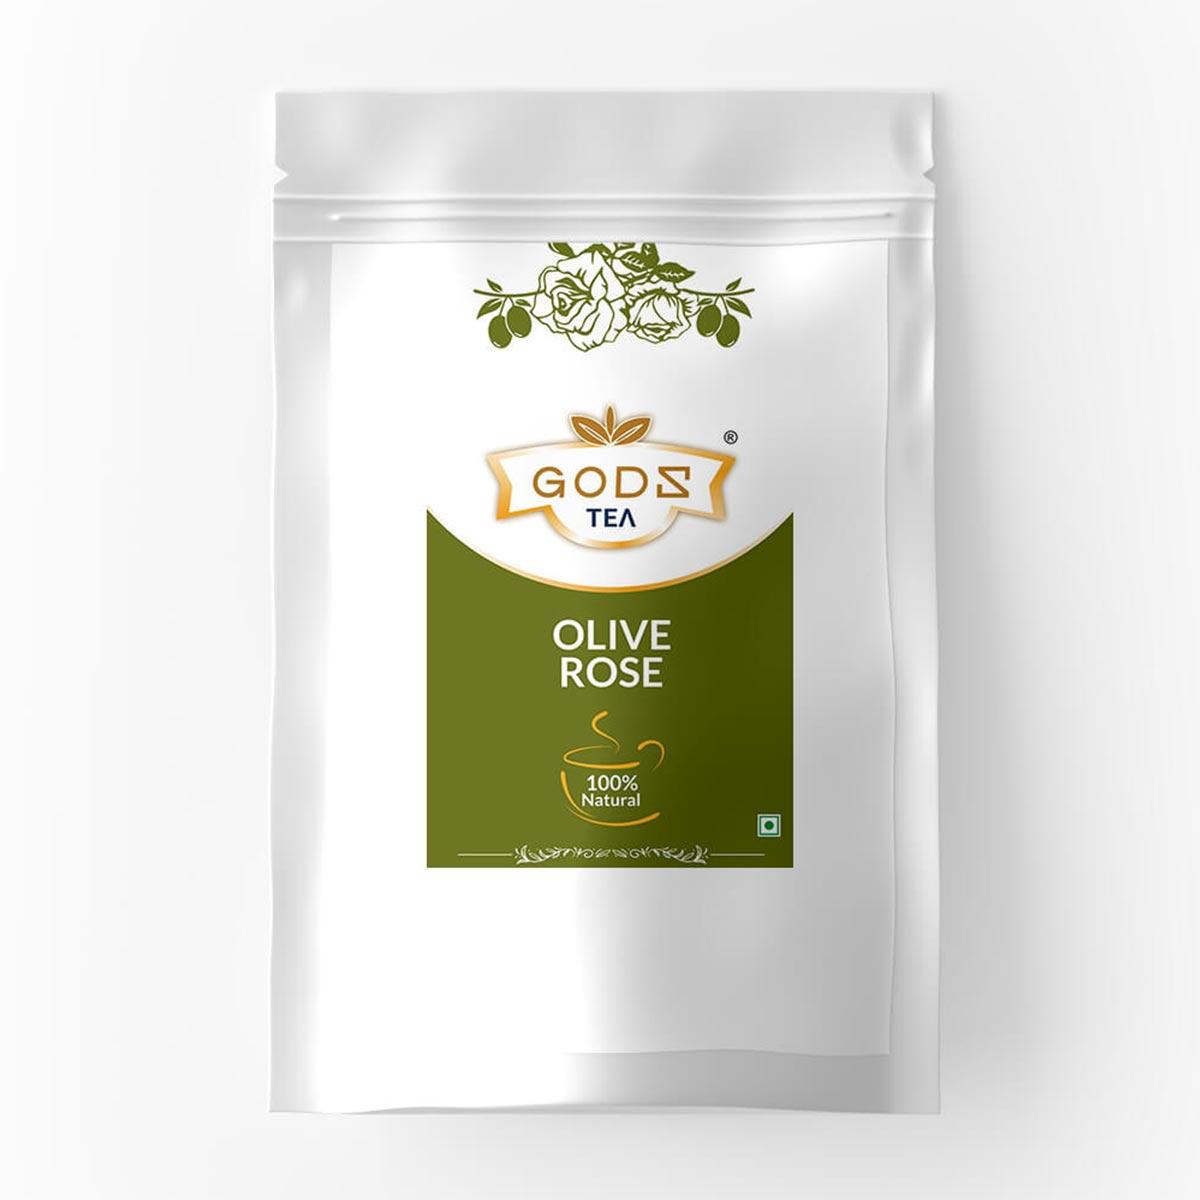 Olive Rose Herbal Tea Buy Online at buychai.in